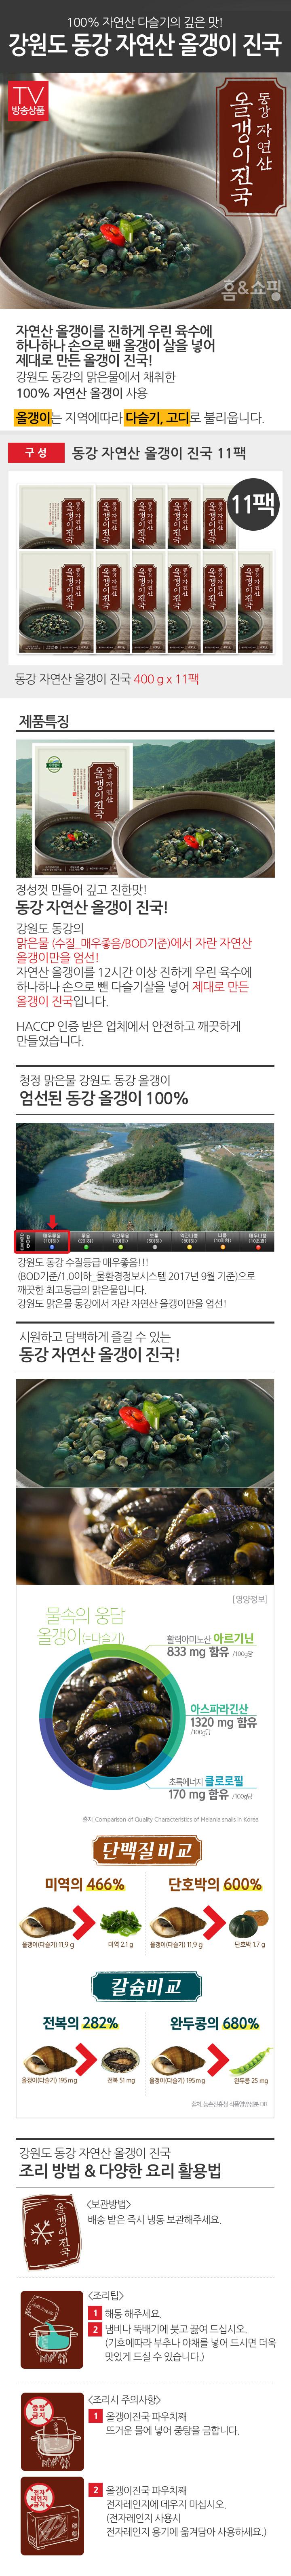 동강올갱이진국-웹기술서.jpg